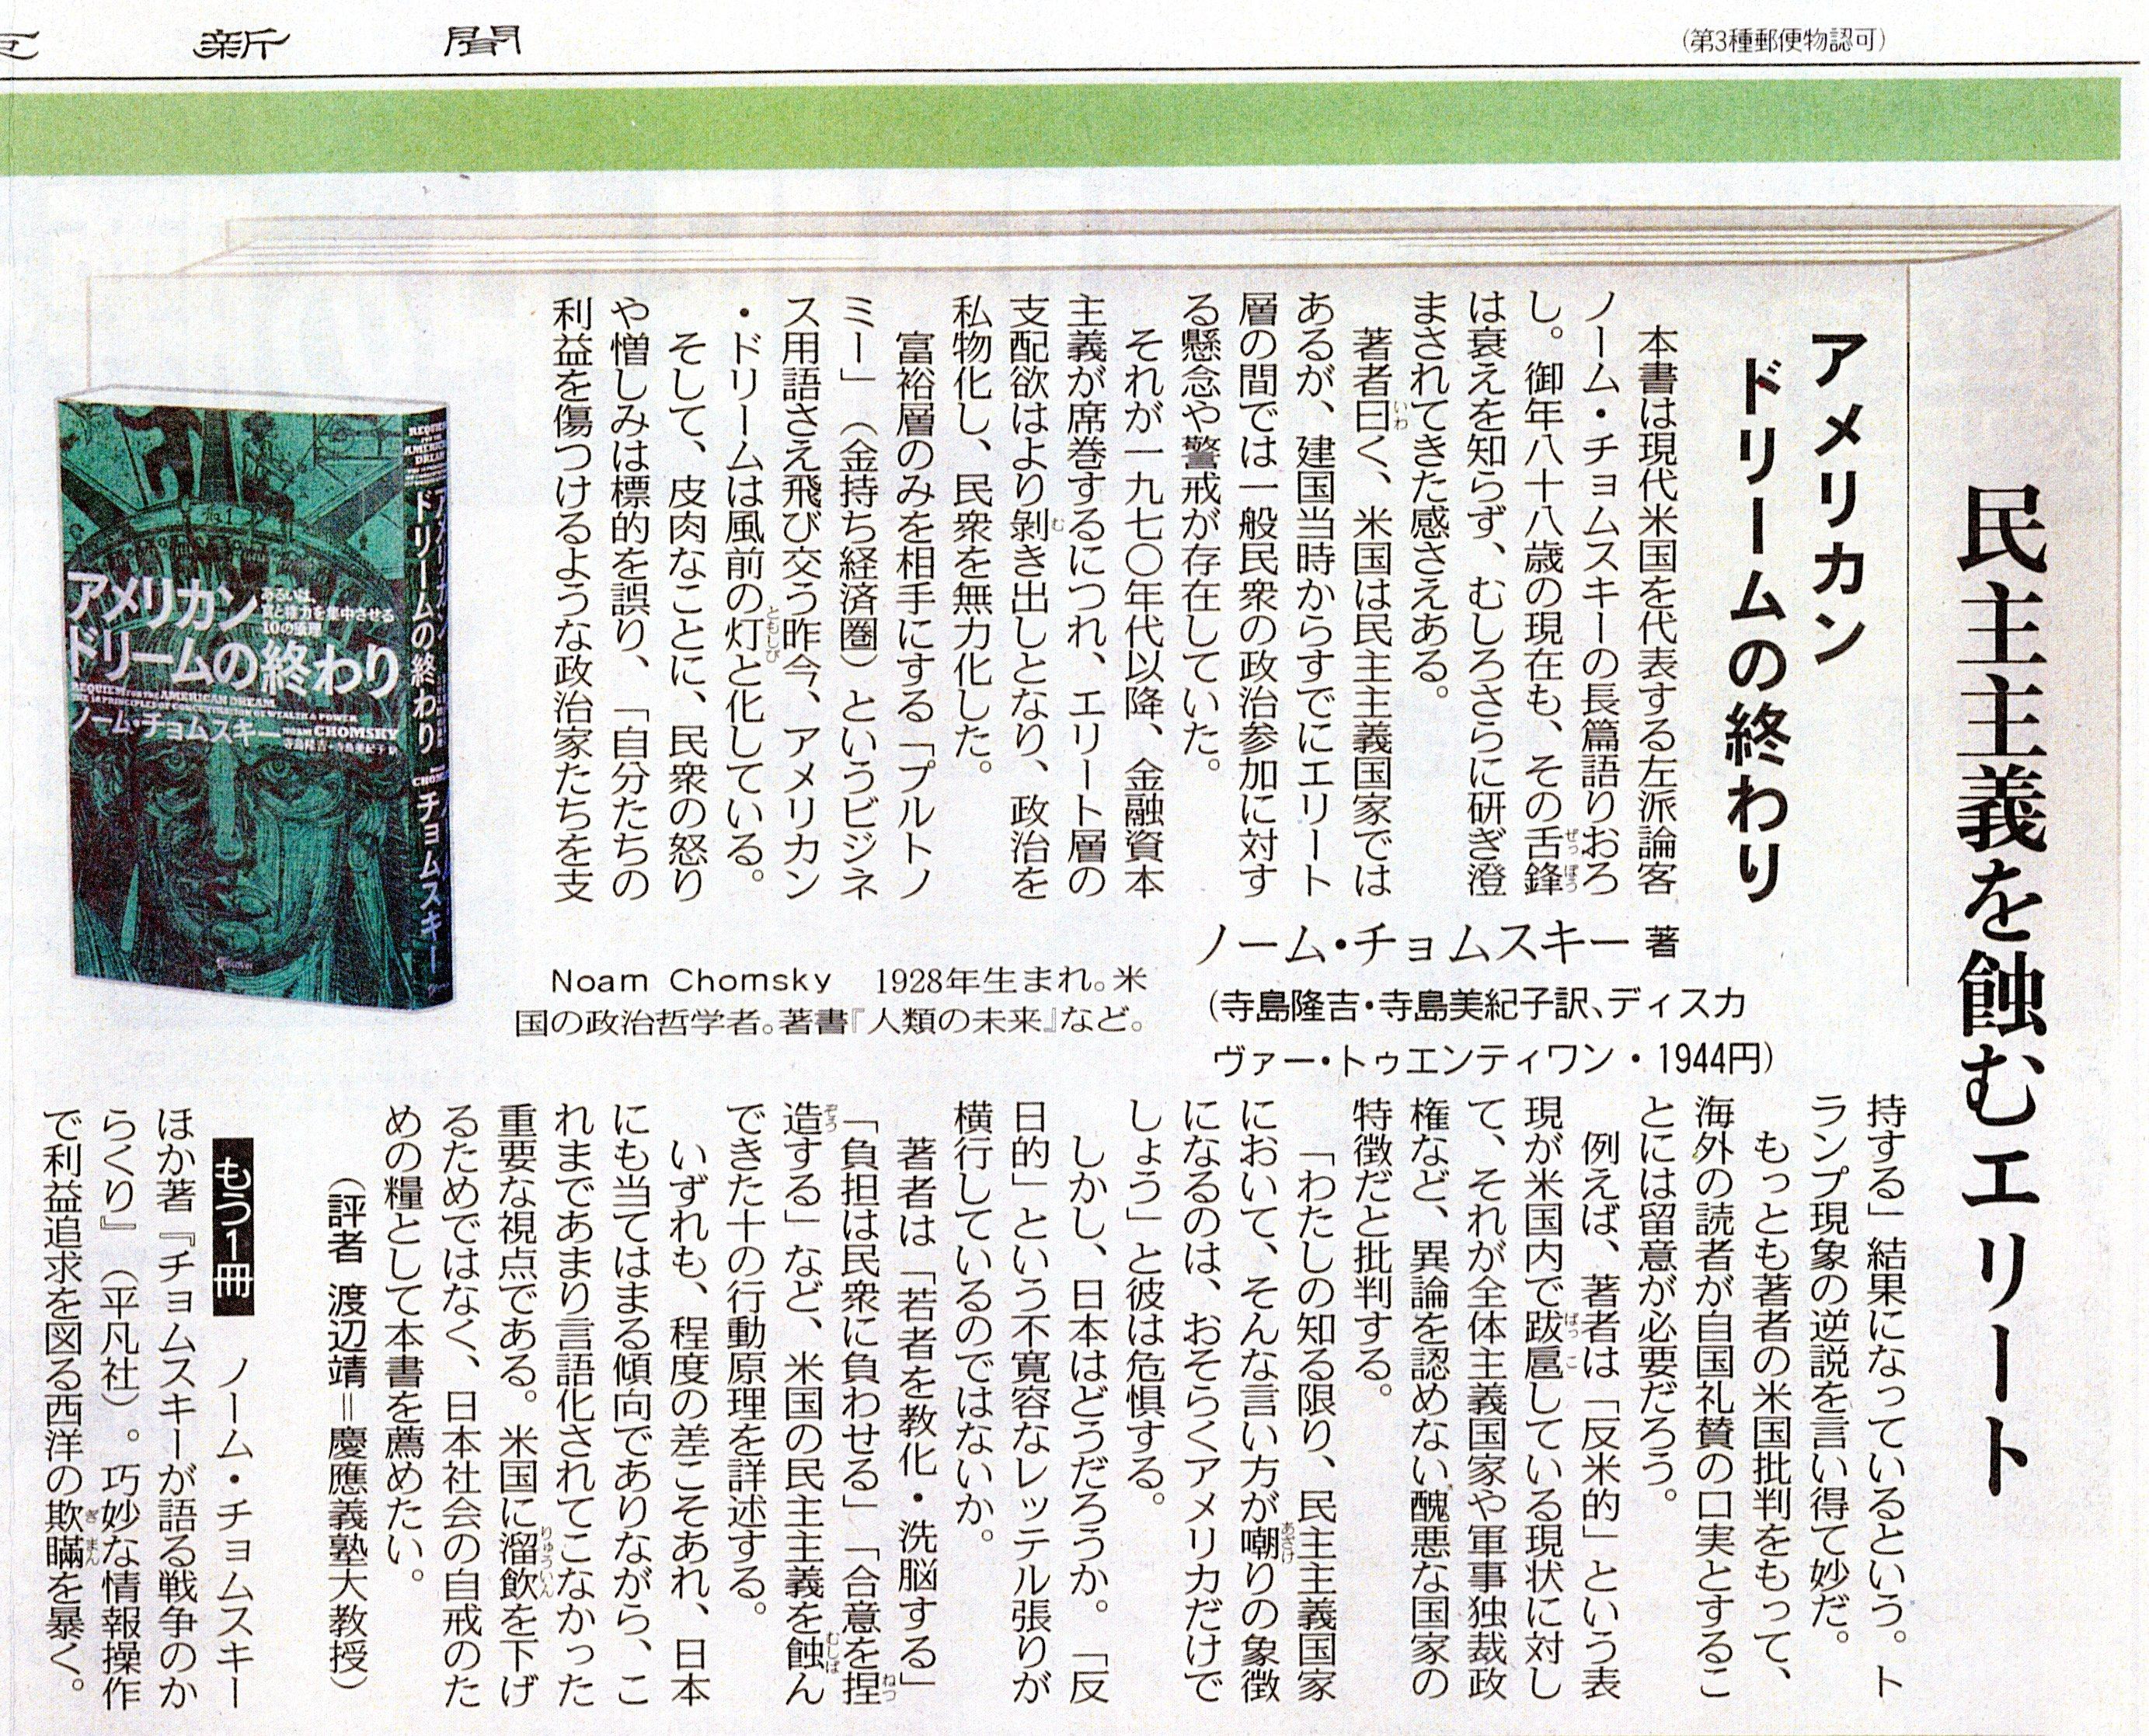 東京新聞チョムスキー書評20171119071